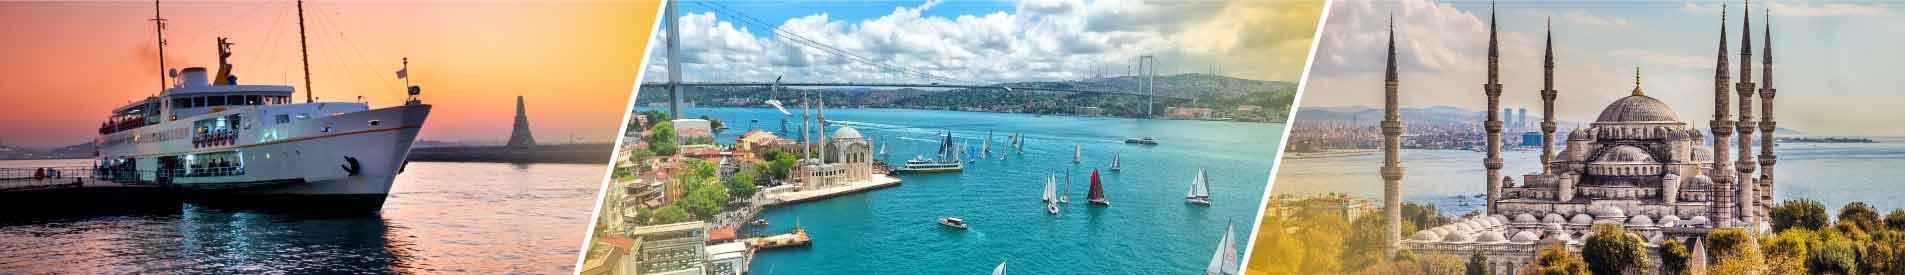 تور چهار روزه استانبول